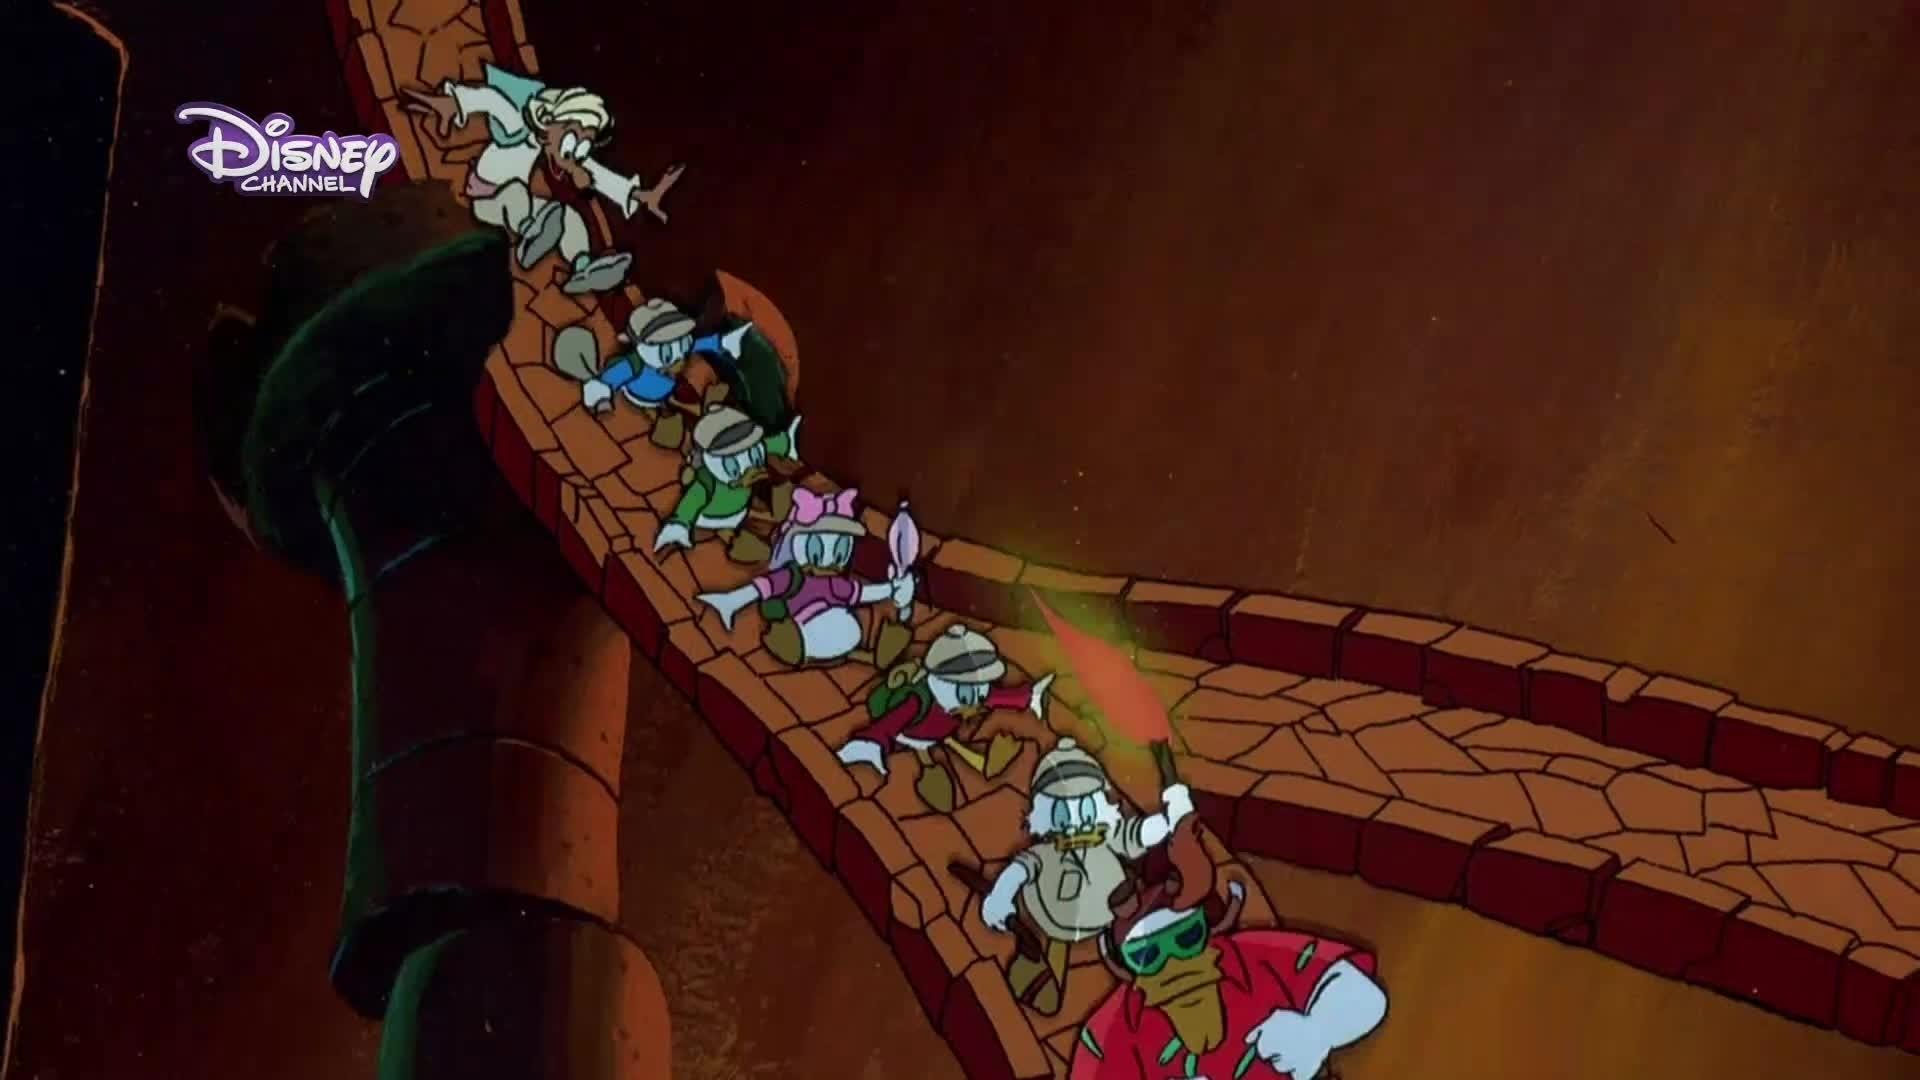 Lieblingsfilm: Ducktales